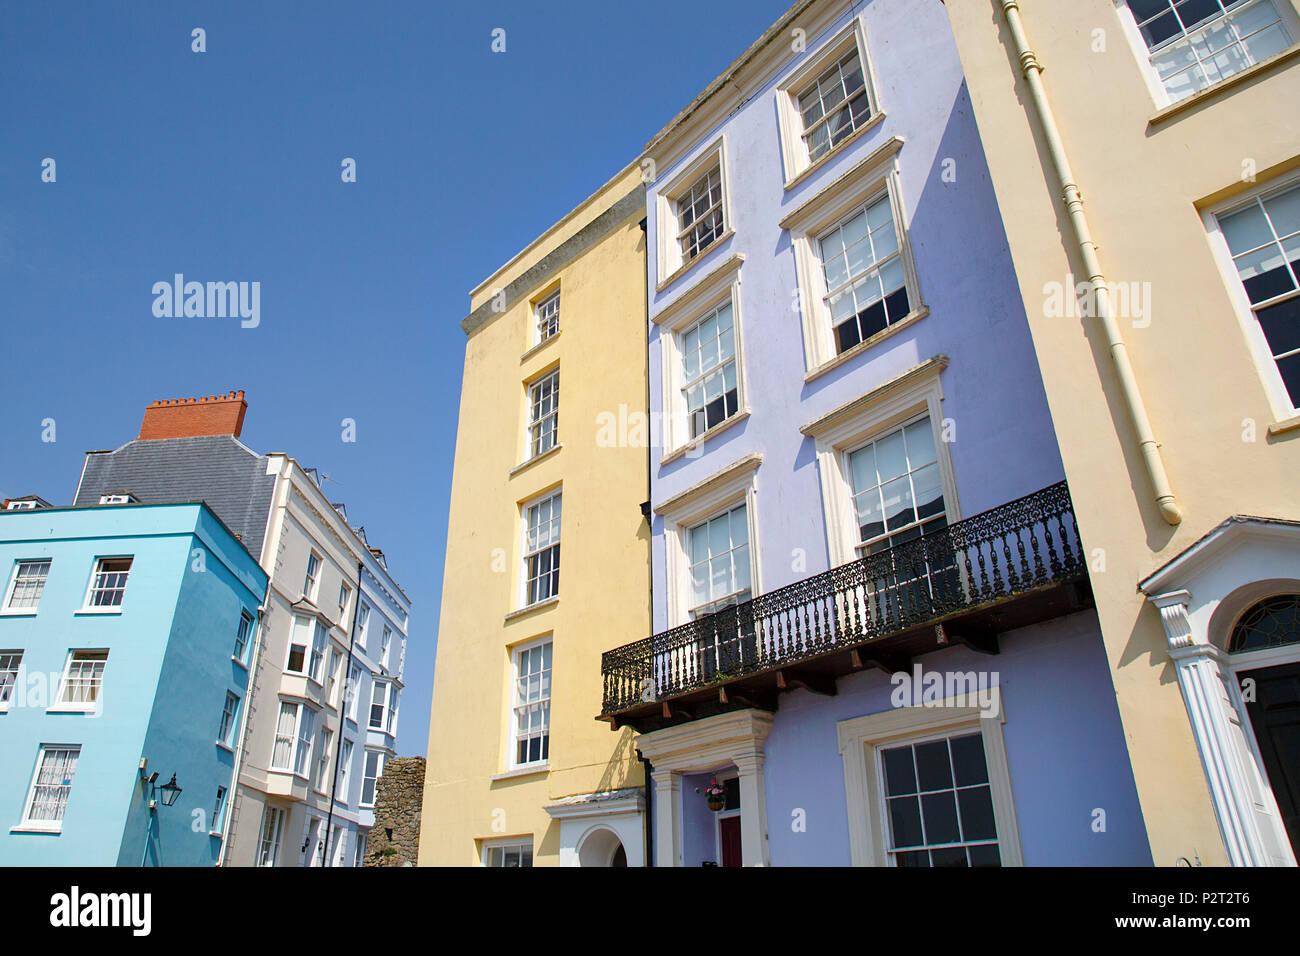 Tenby, Großbritannien: 10. Juni 2018: Tenby ist eine Hafenstadt und Resort im Südwesten von Wales für seine wunderschön bemalten im Georgianischen Stil erbaute Häuser und Hotels bekannt. Stockbild